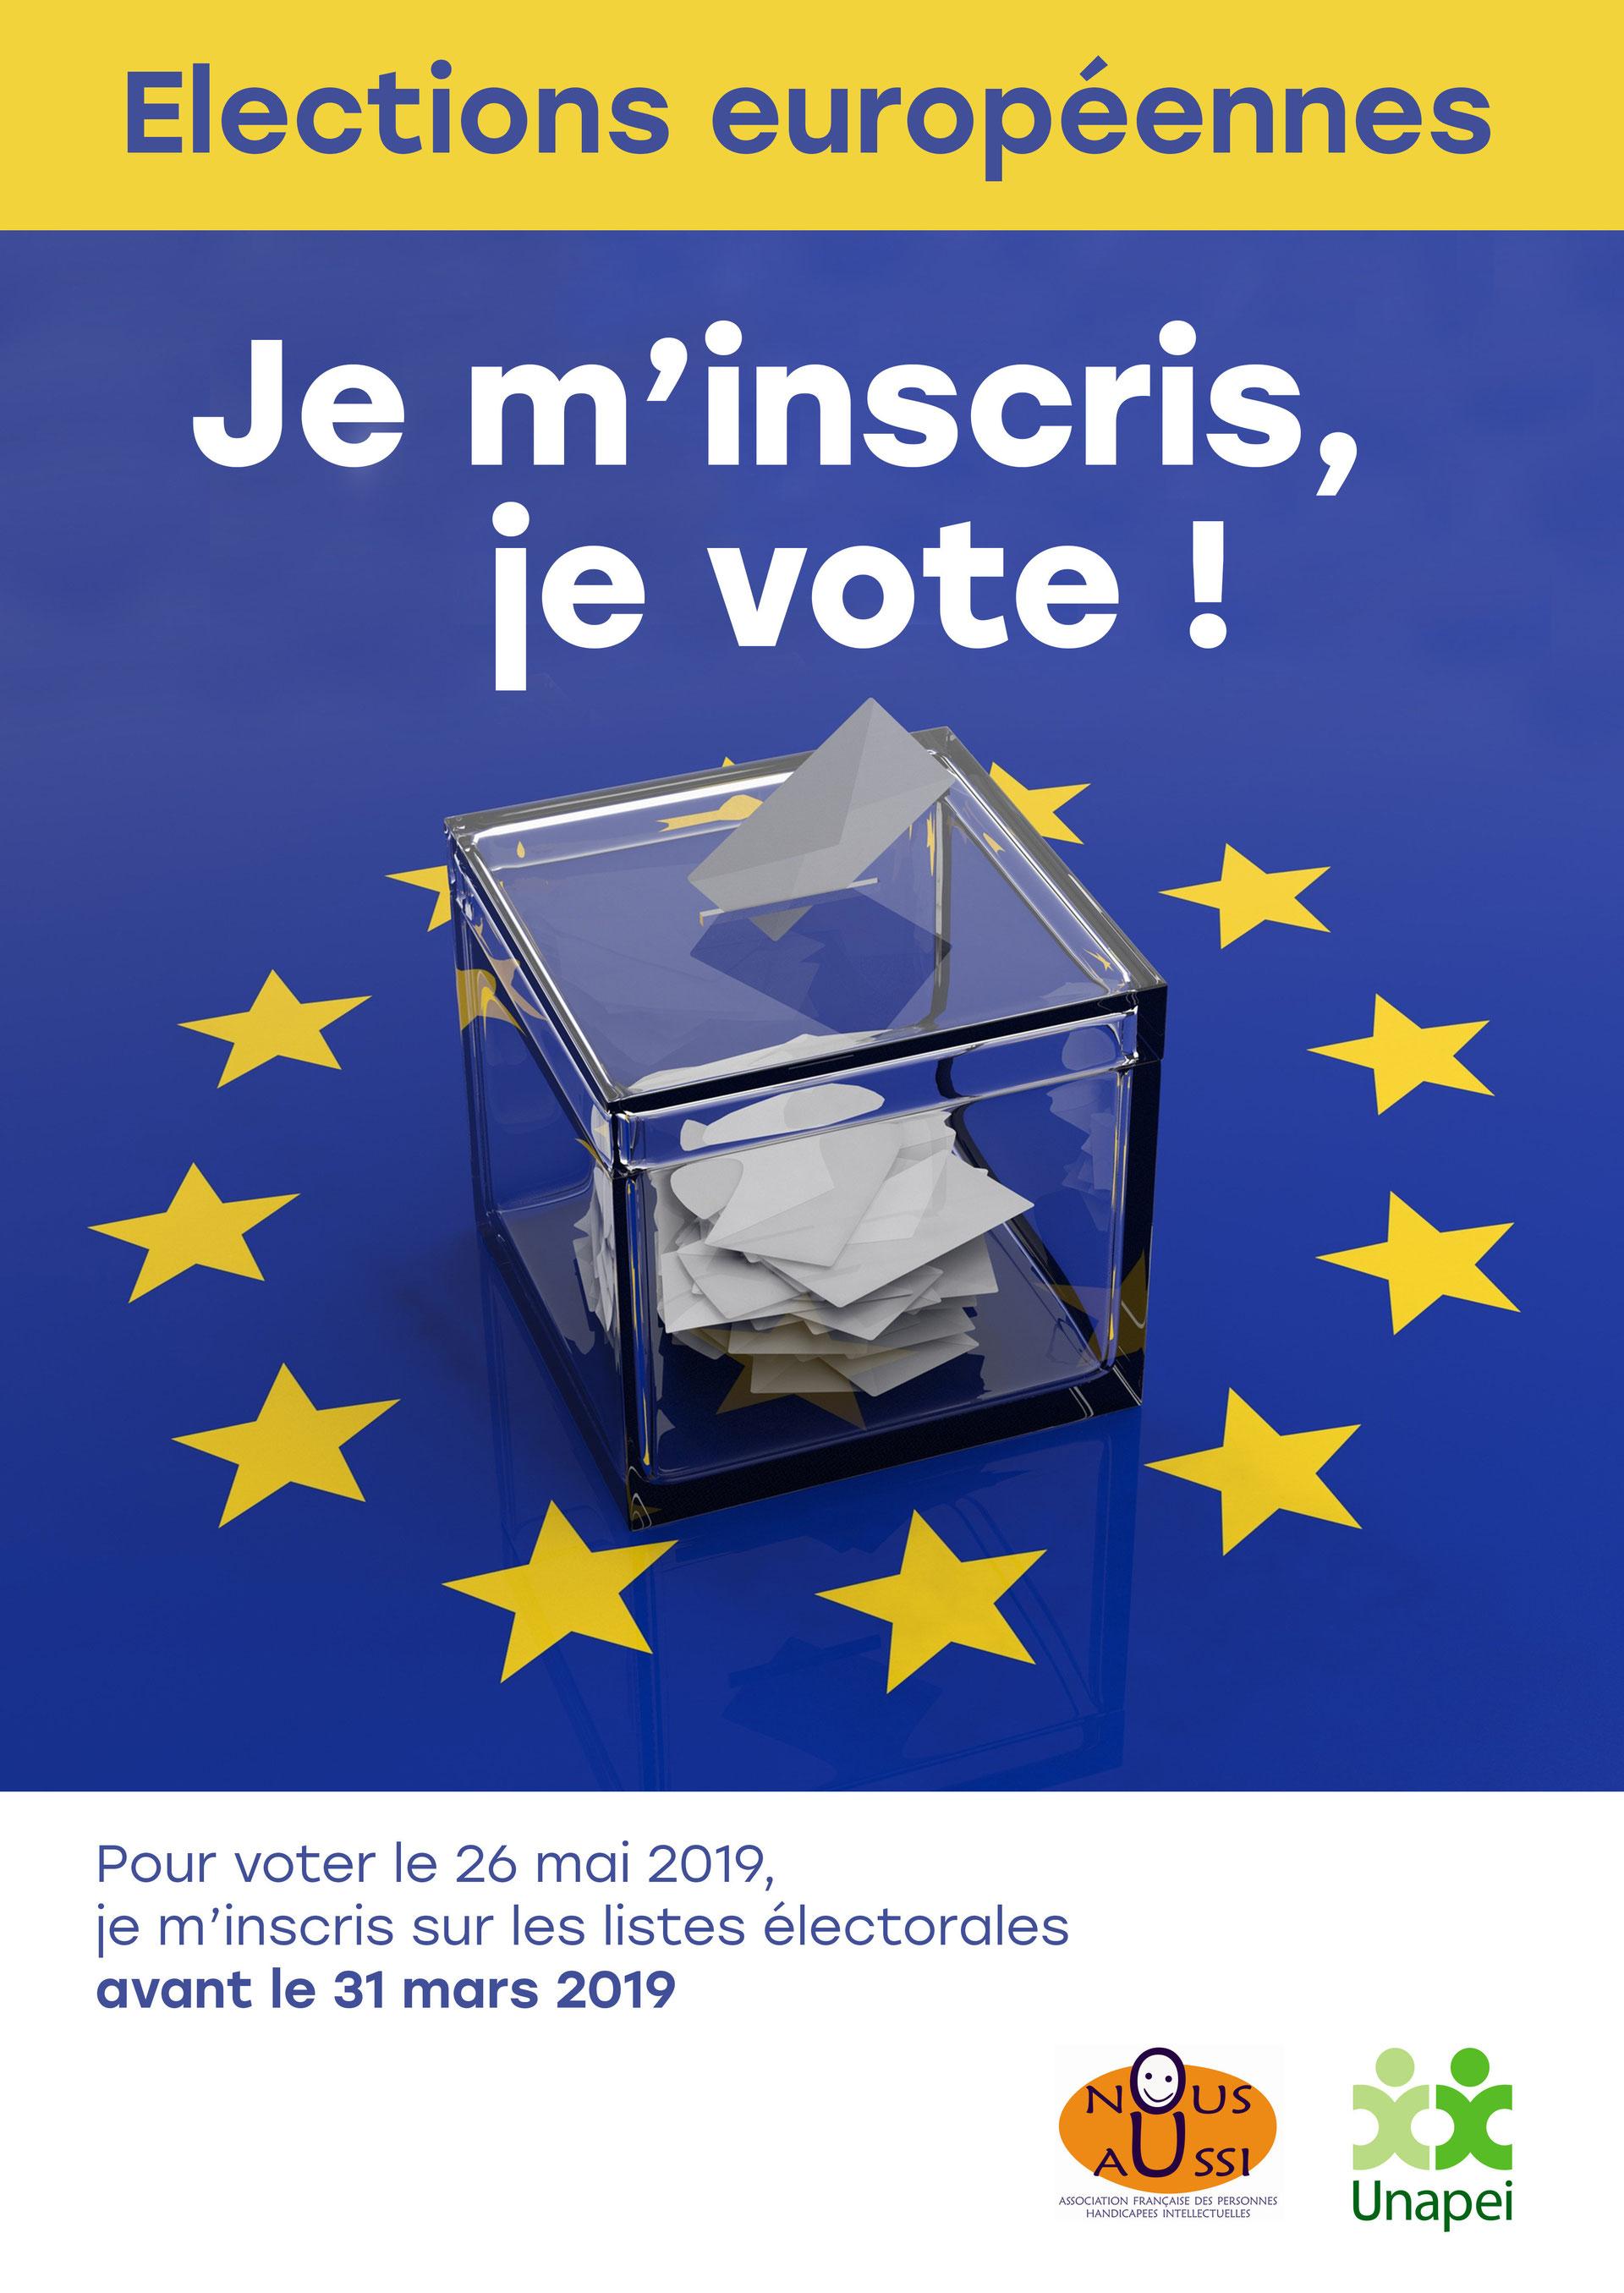 elections europ u00e9ennes  inscriptions avant le 31 mars 2019